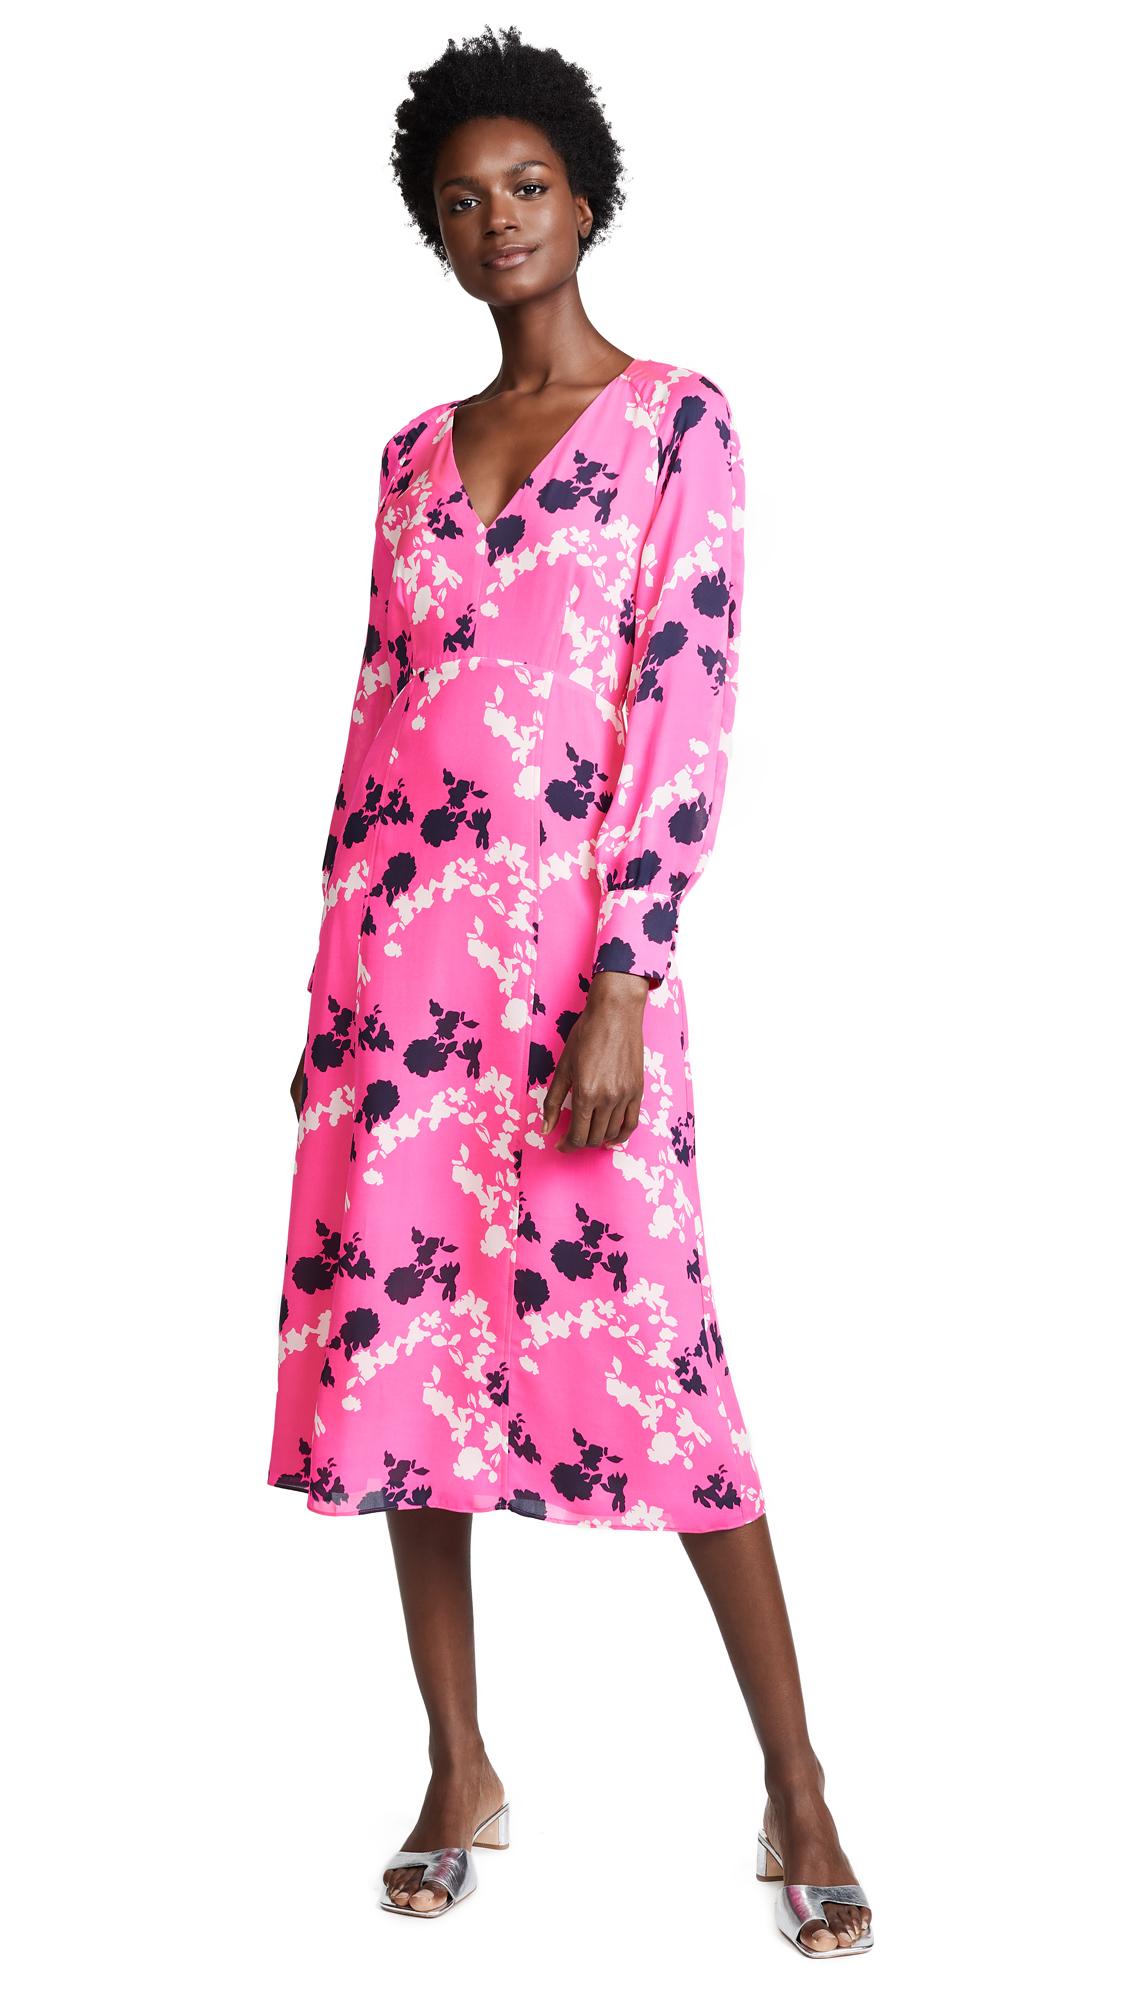 Tanya Taylor Alannah Dress - Hot Pink